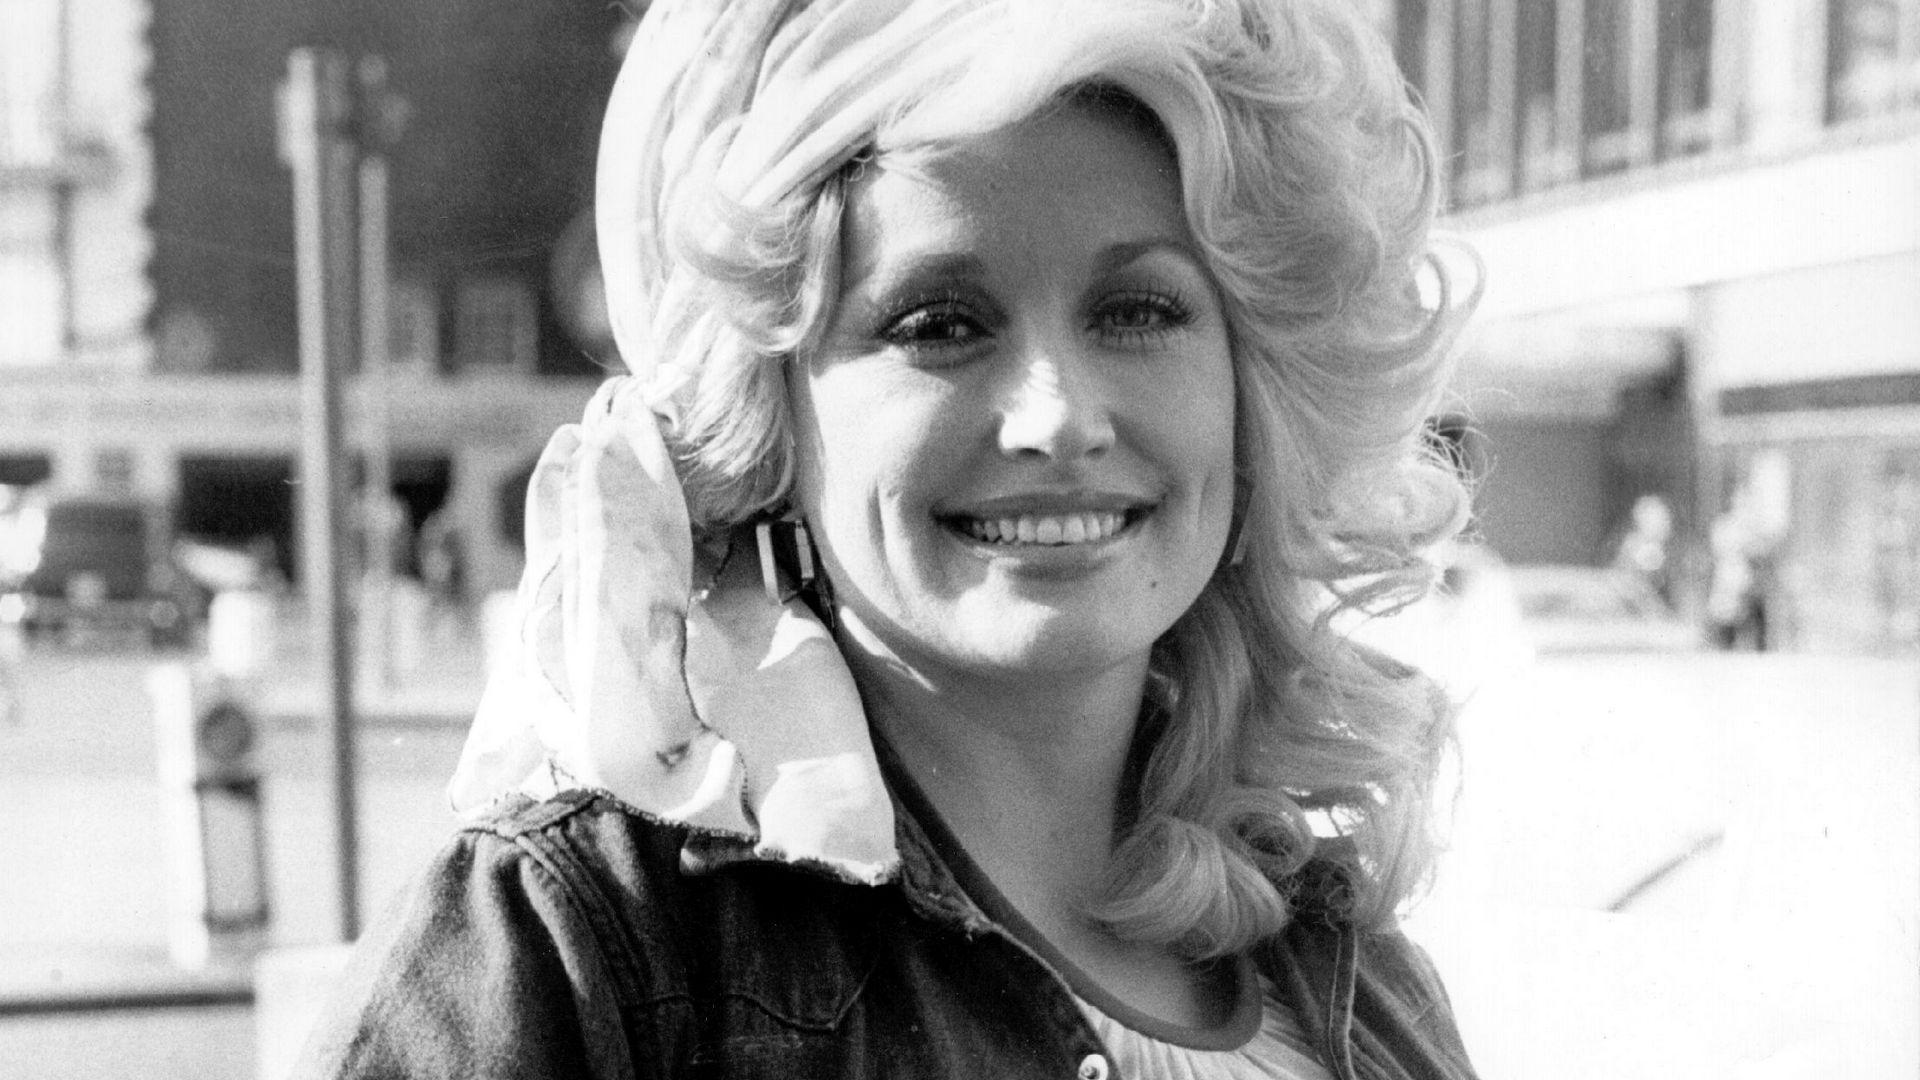 Jolene av Dolly Parton